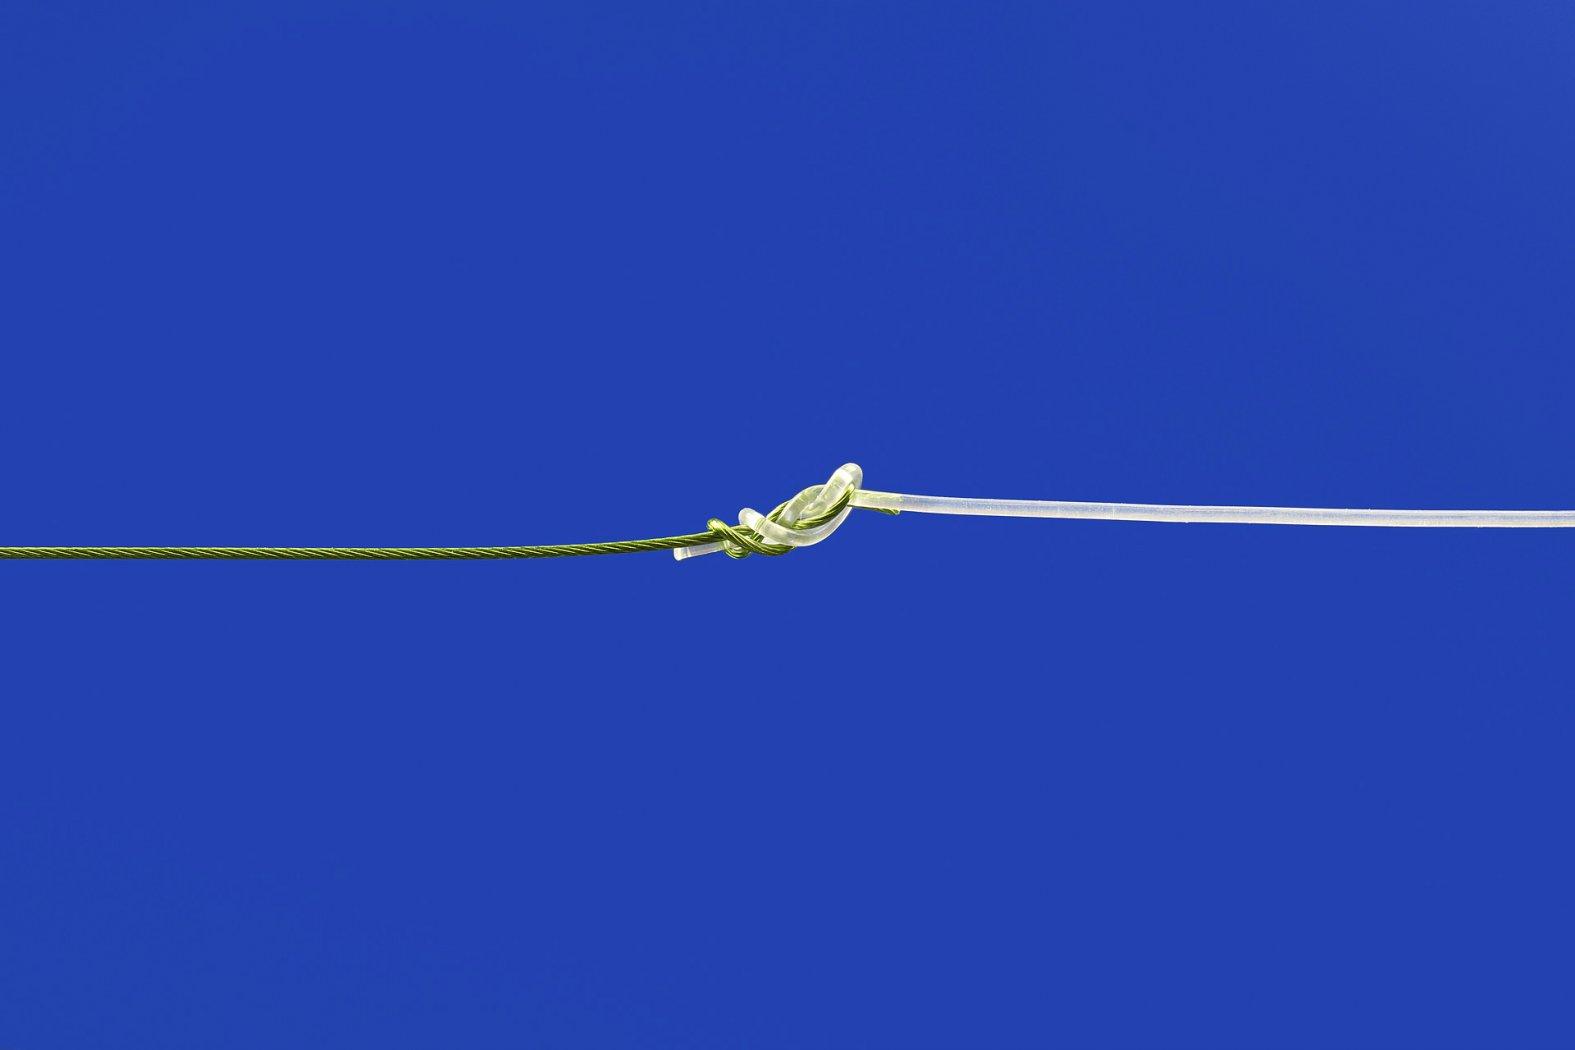 chiriugenknoten zum stahlvorfach anknüpfen